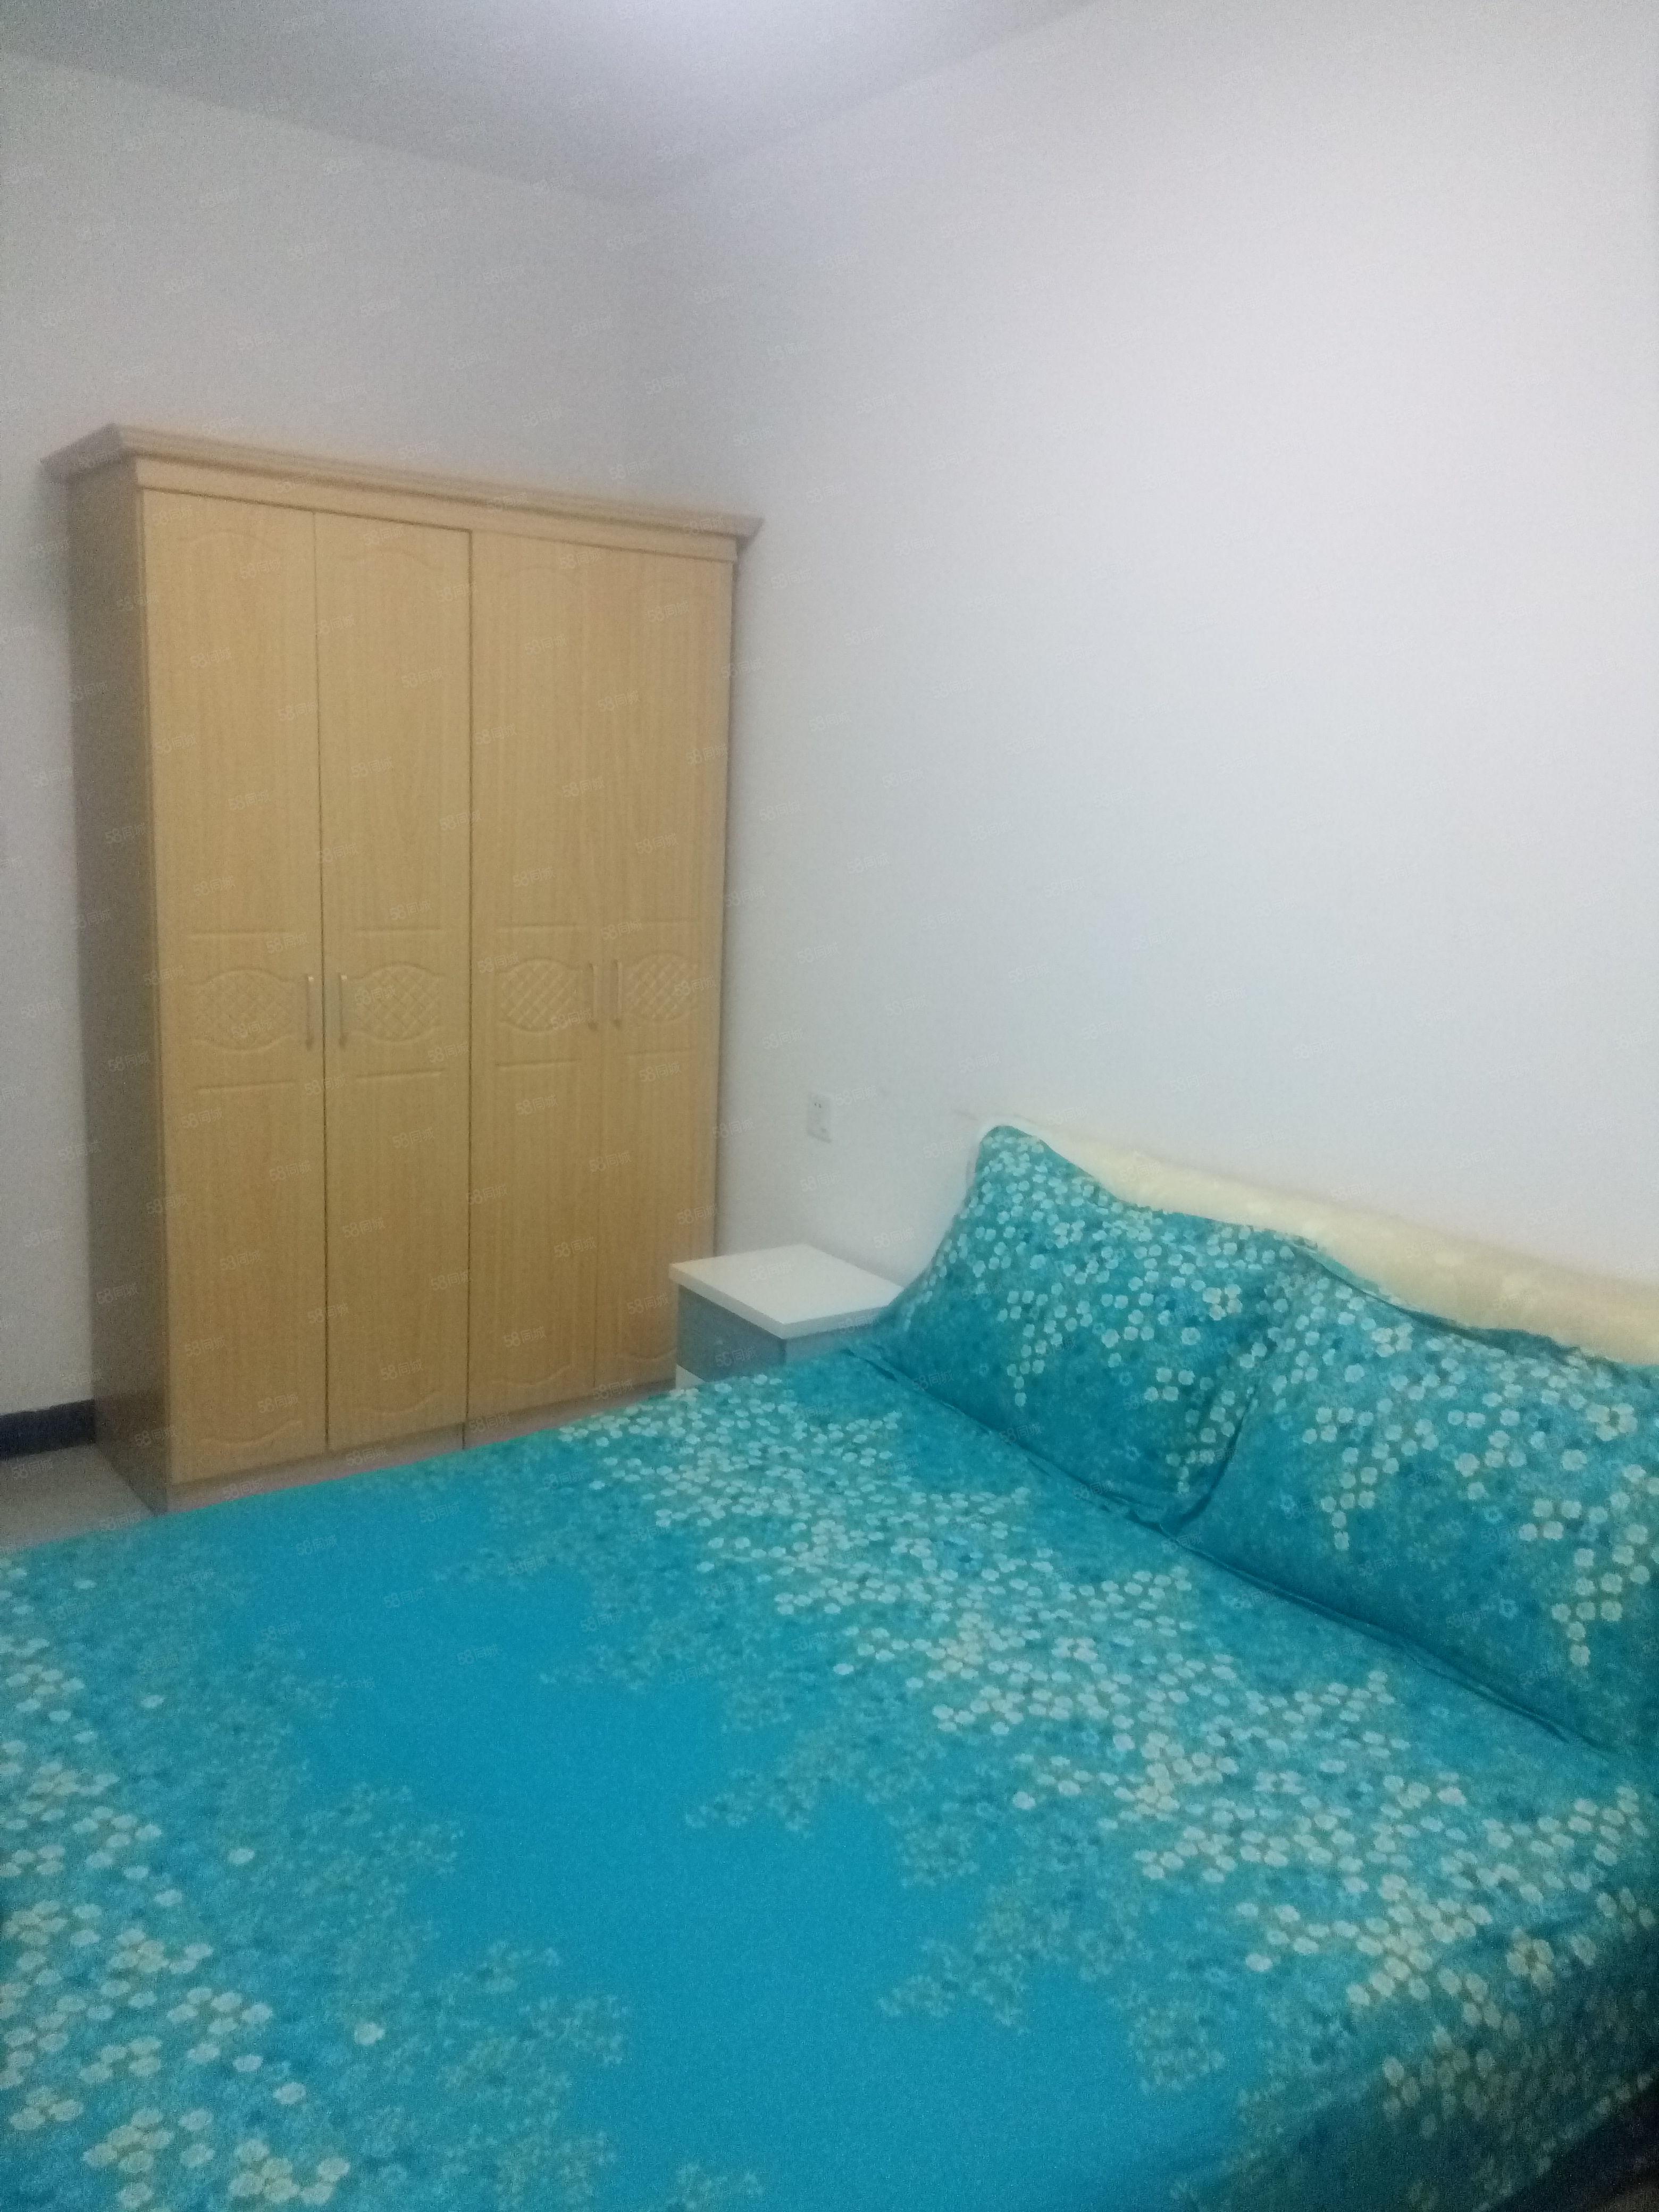 1000元便宜出租,北门蓝波湾小区单身公寓,电梯新房一室一卫